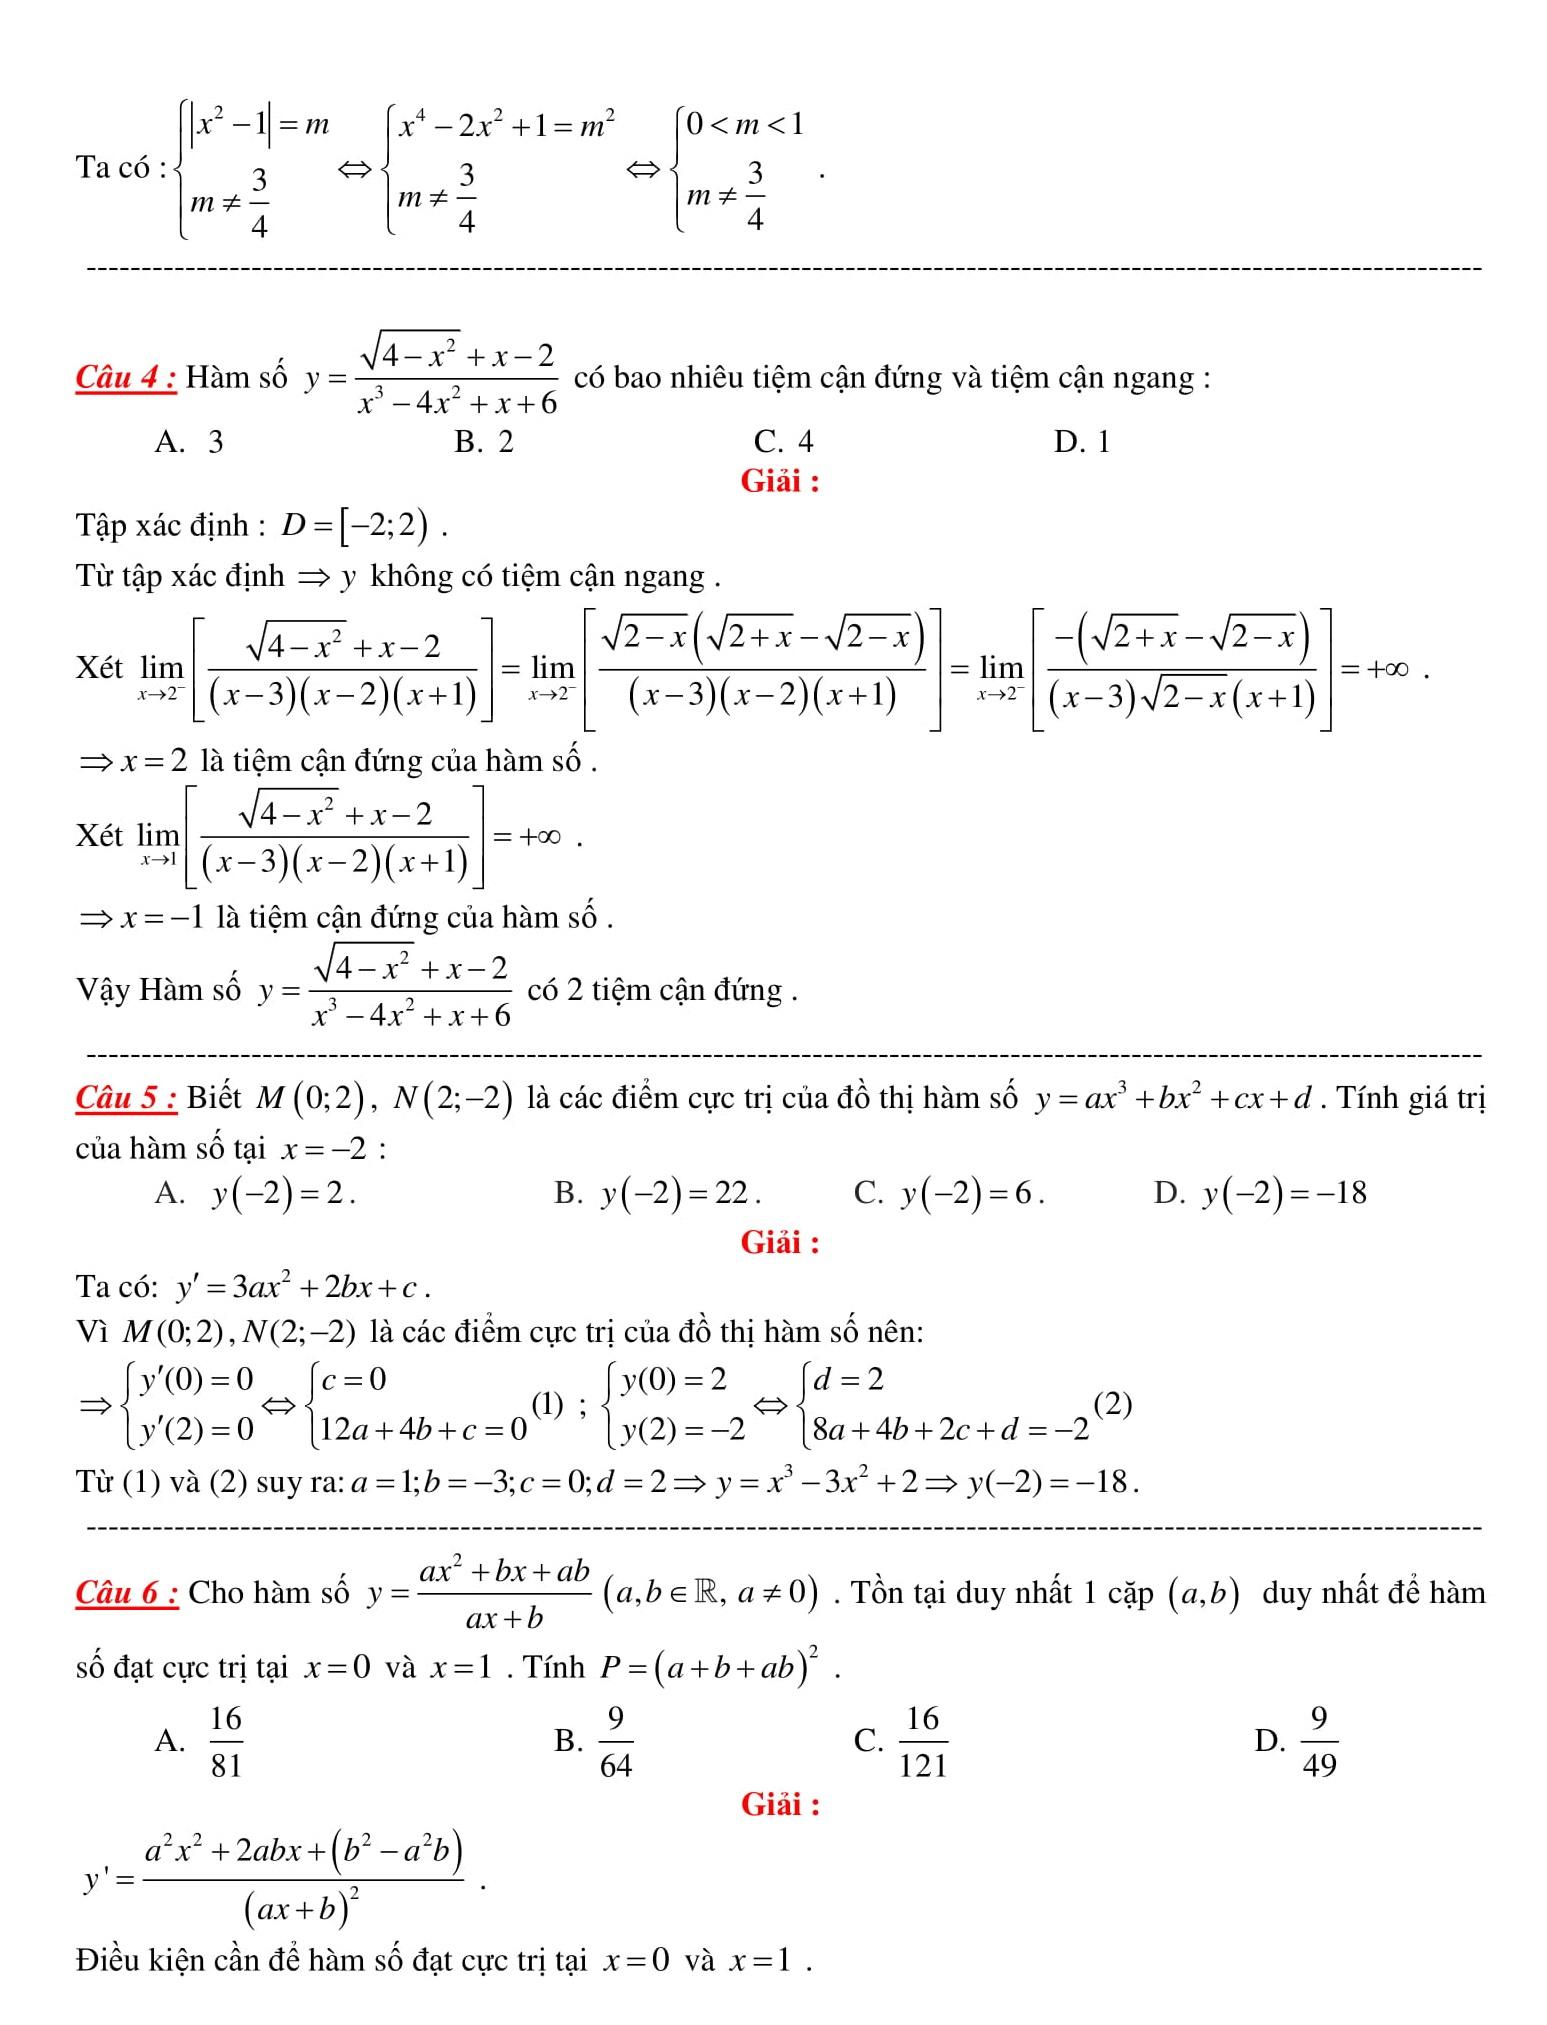 Tổng hợp bài tập trắc nghiệm Đại số Toán 12